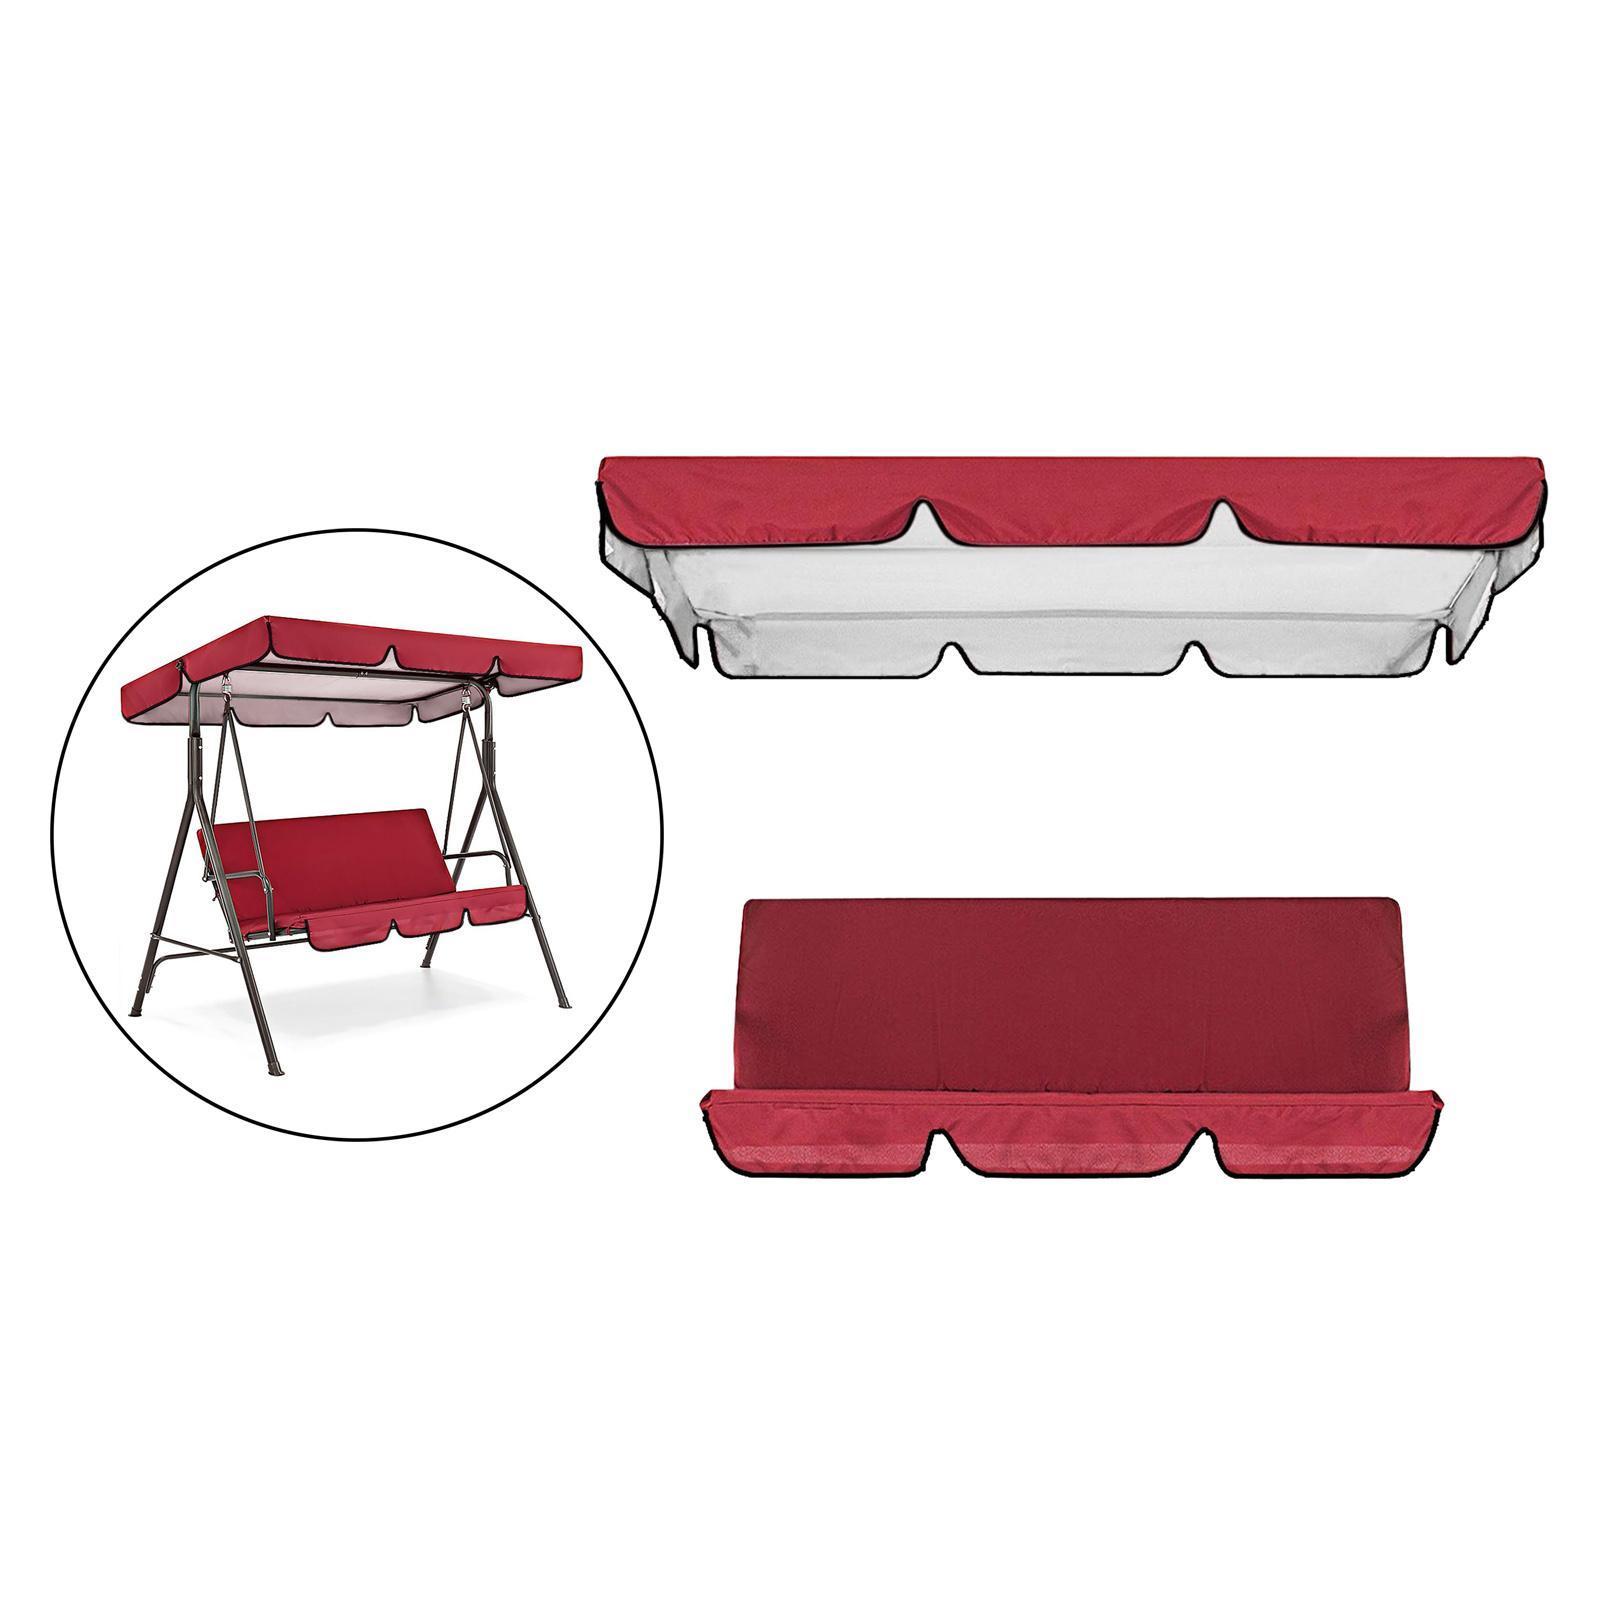 miniatura 7 - Coprisedile di ricambio per amaca per sedia a dondolo da esterno per patio